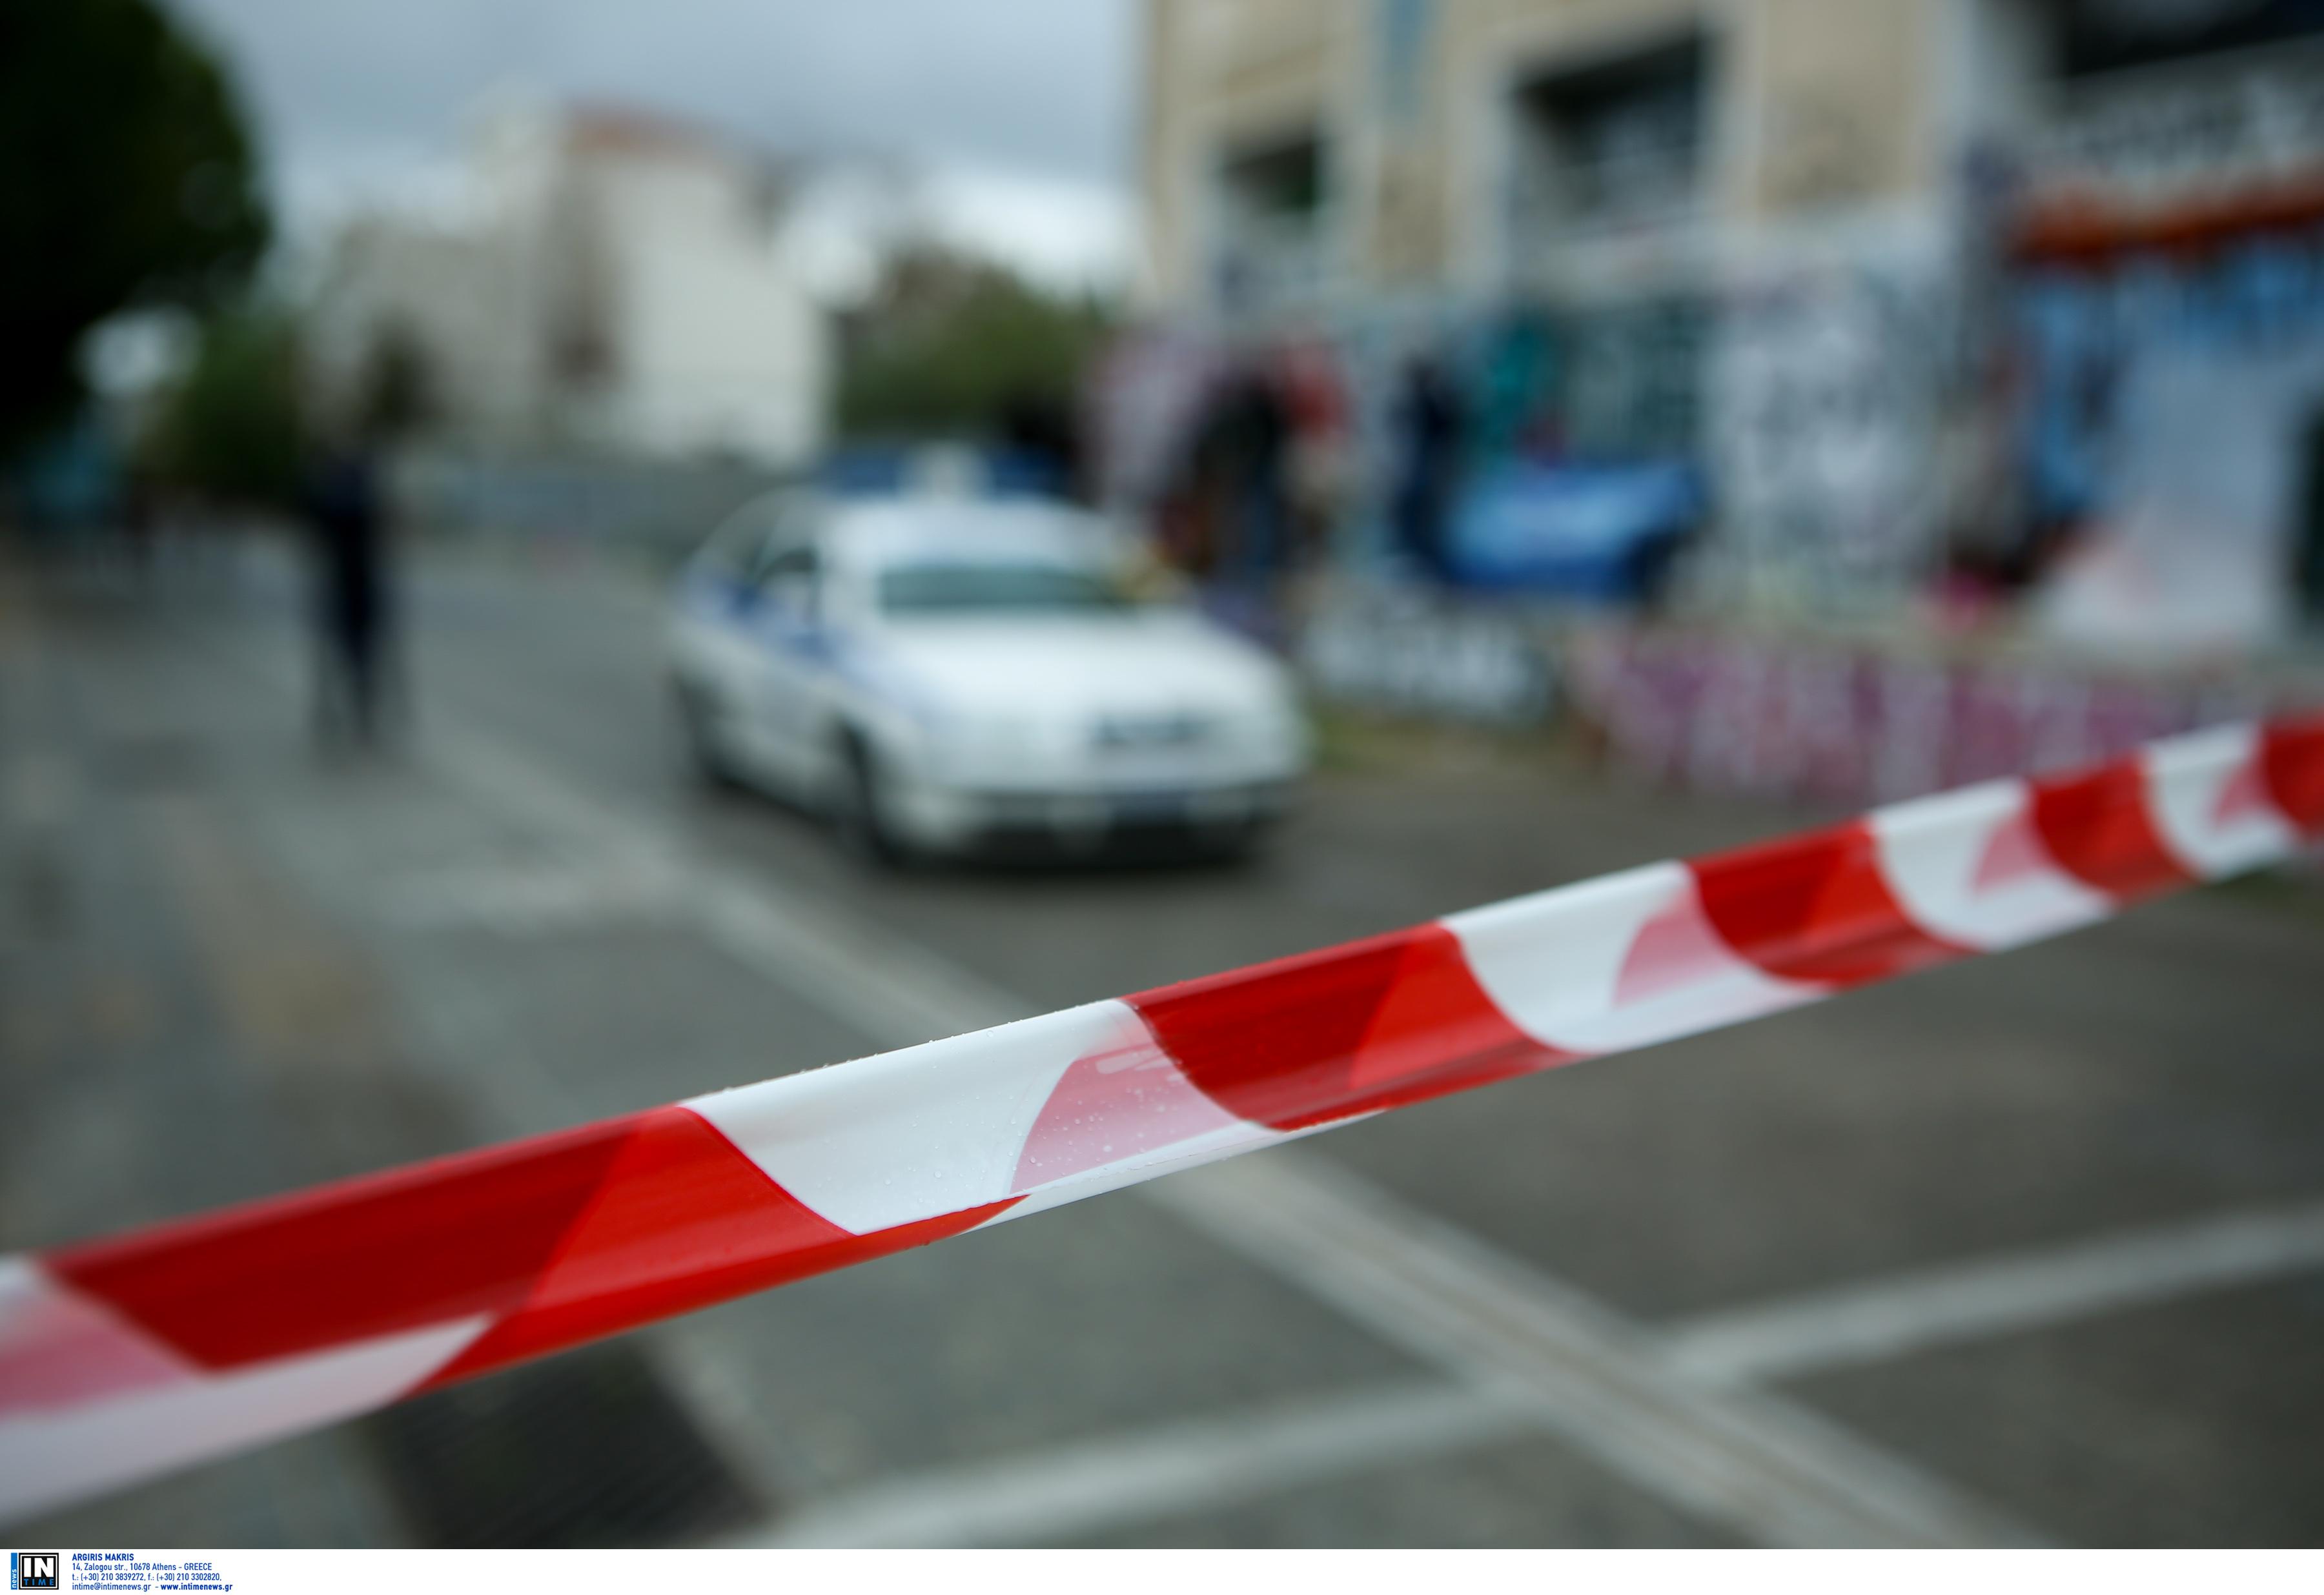 Κρήτη: Βιασμοί, απειλές και ξύλο πίσω από τη στυγερή δολοφονία στο Τυμπάκι!